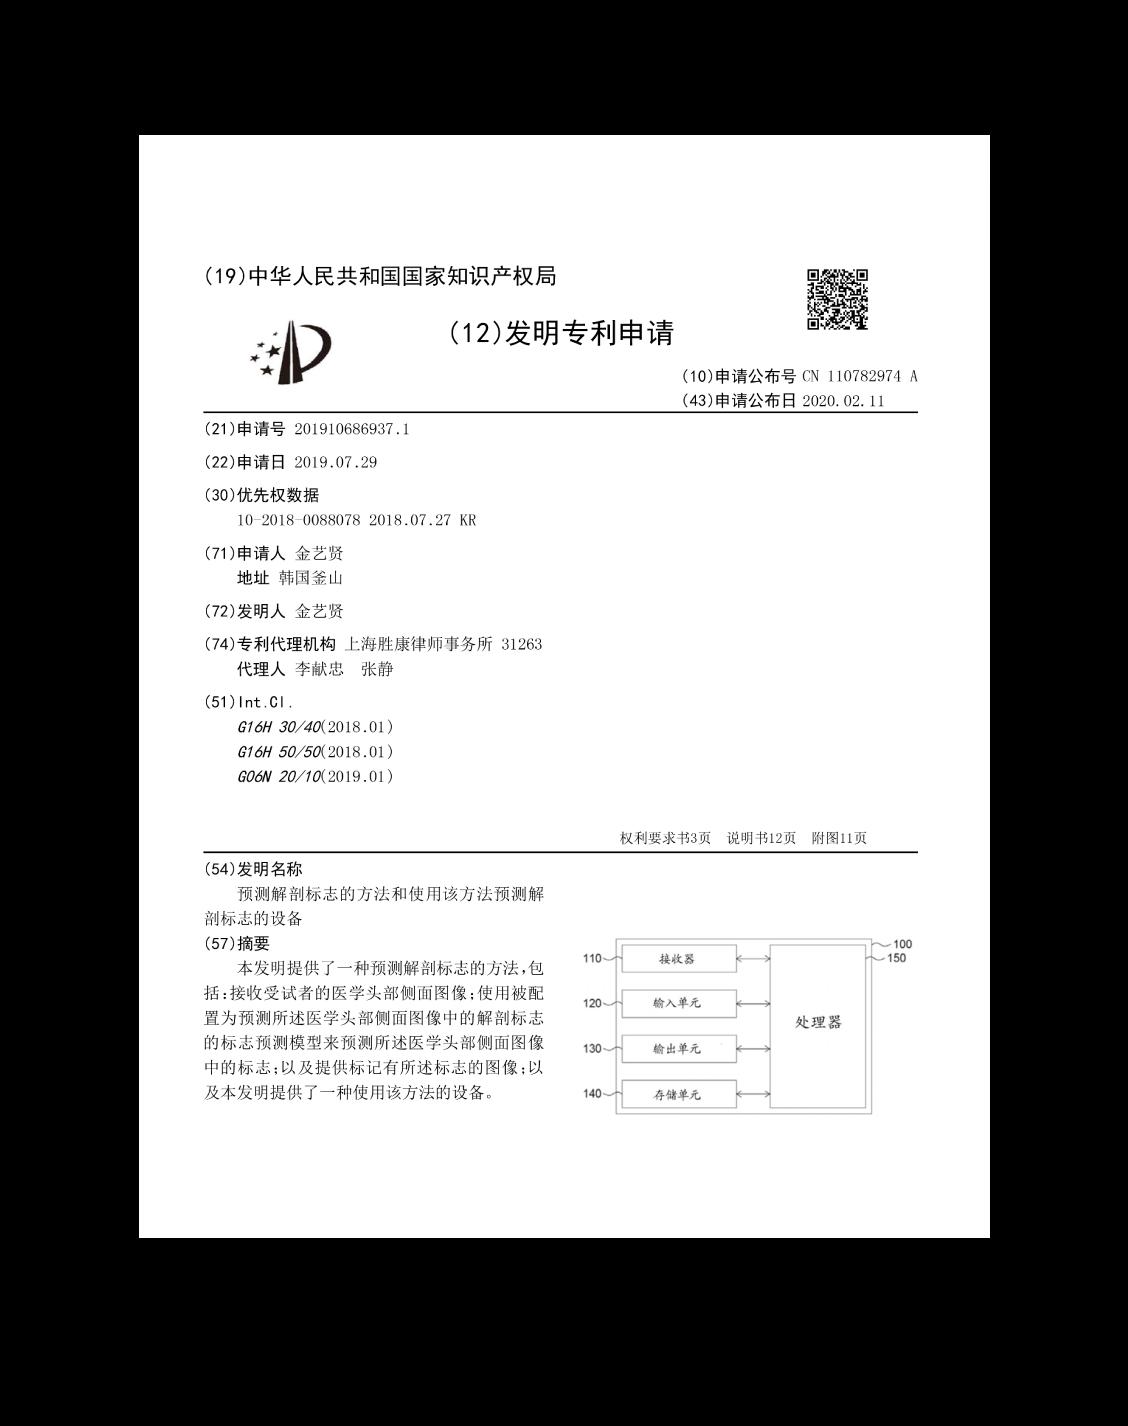 중국 특허 출원